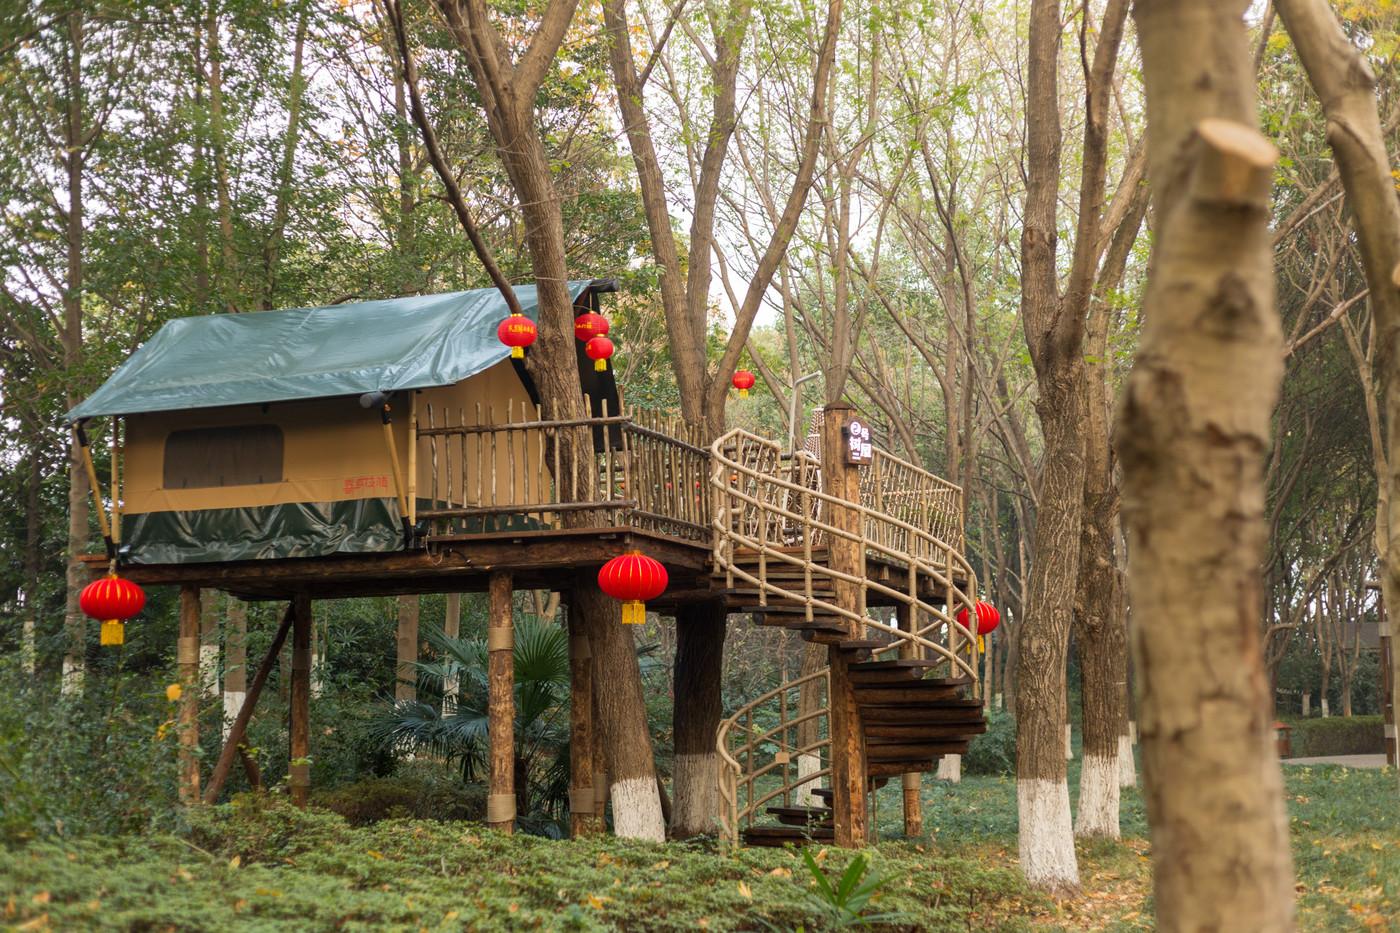 喜马拉雅野奢帐篷酒店—江苏常州天目湖树屋帐篷酒店9